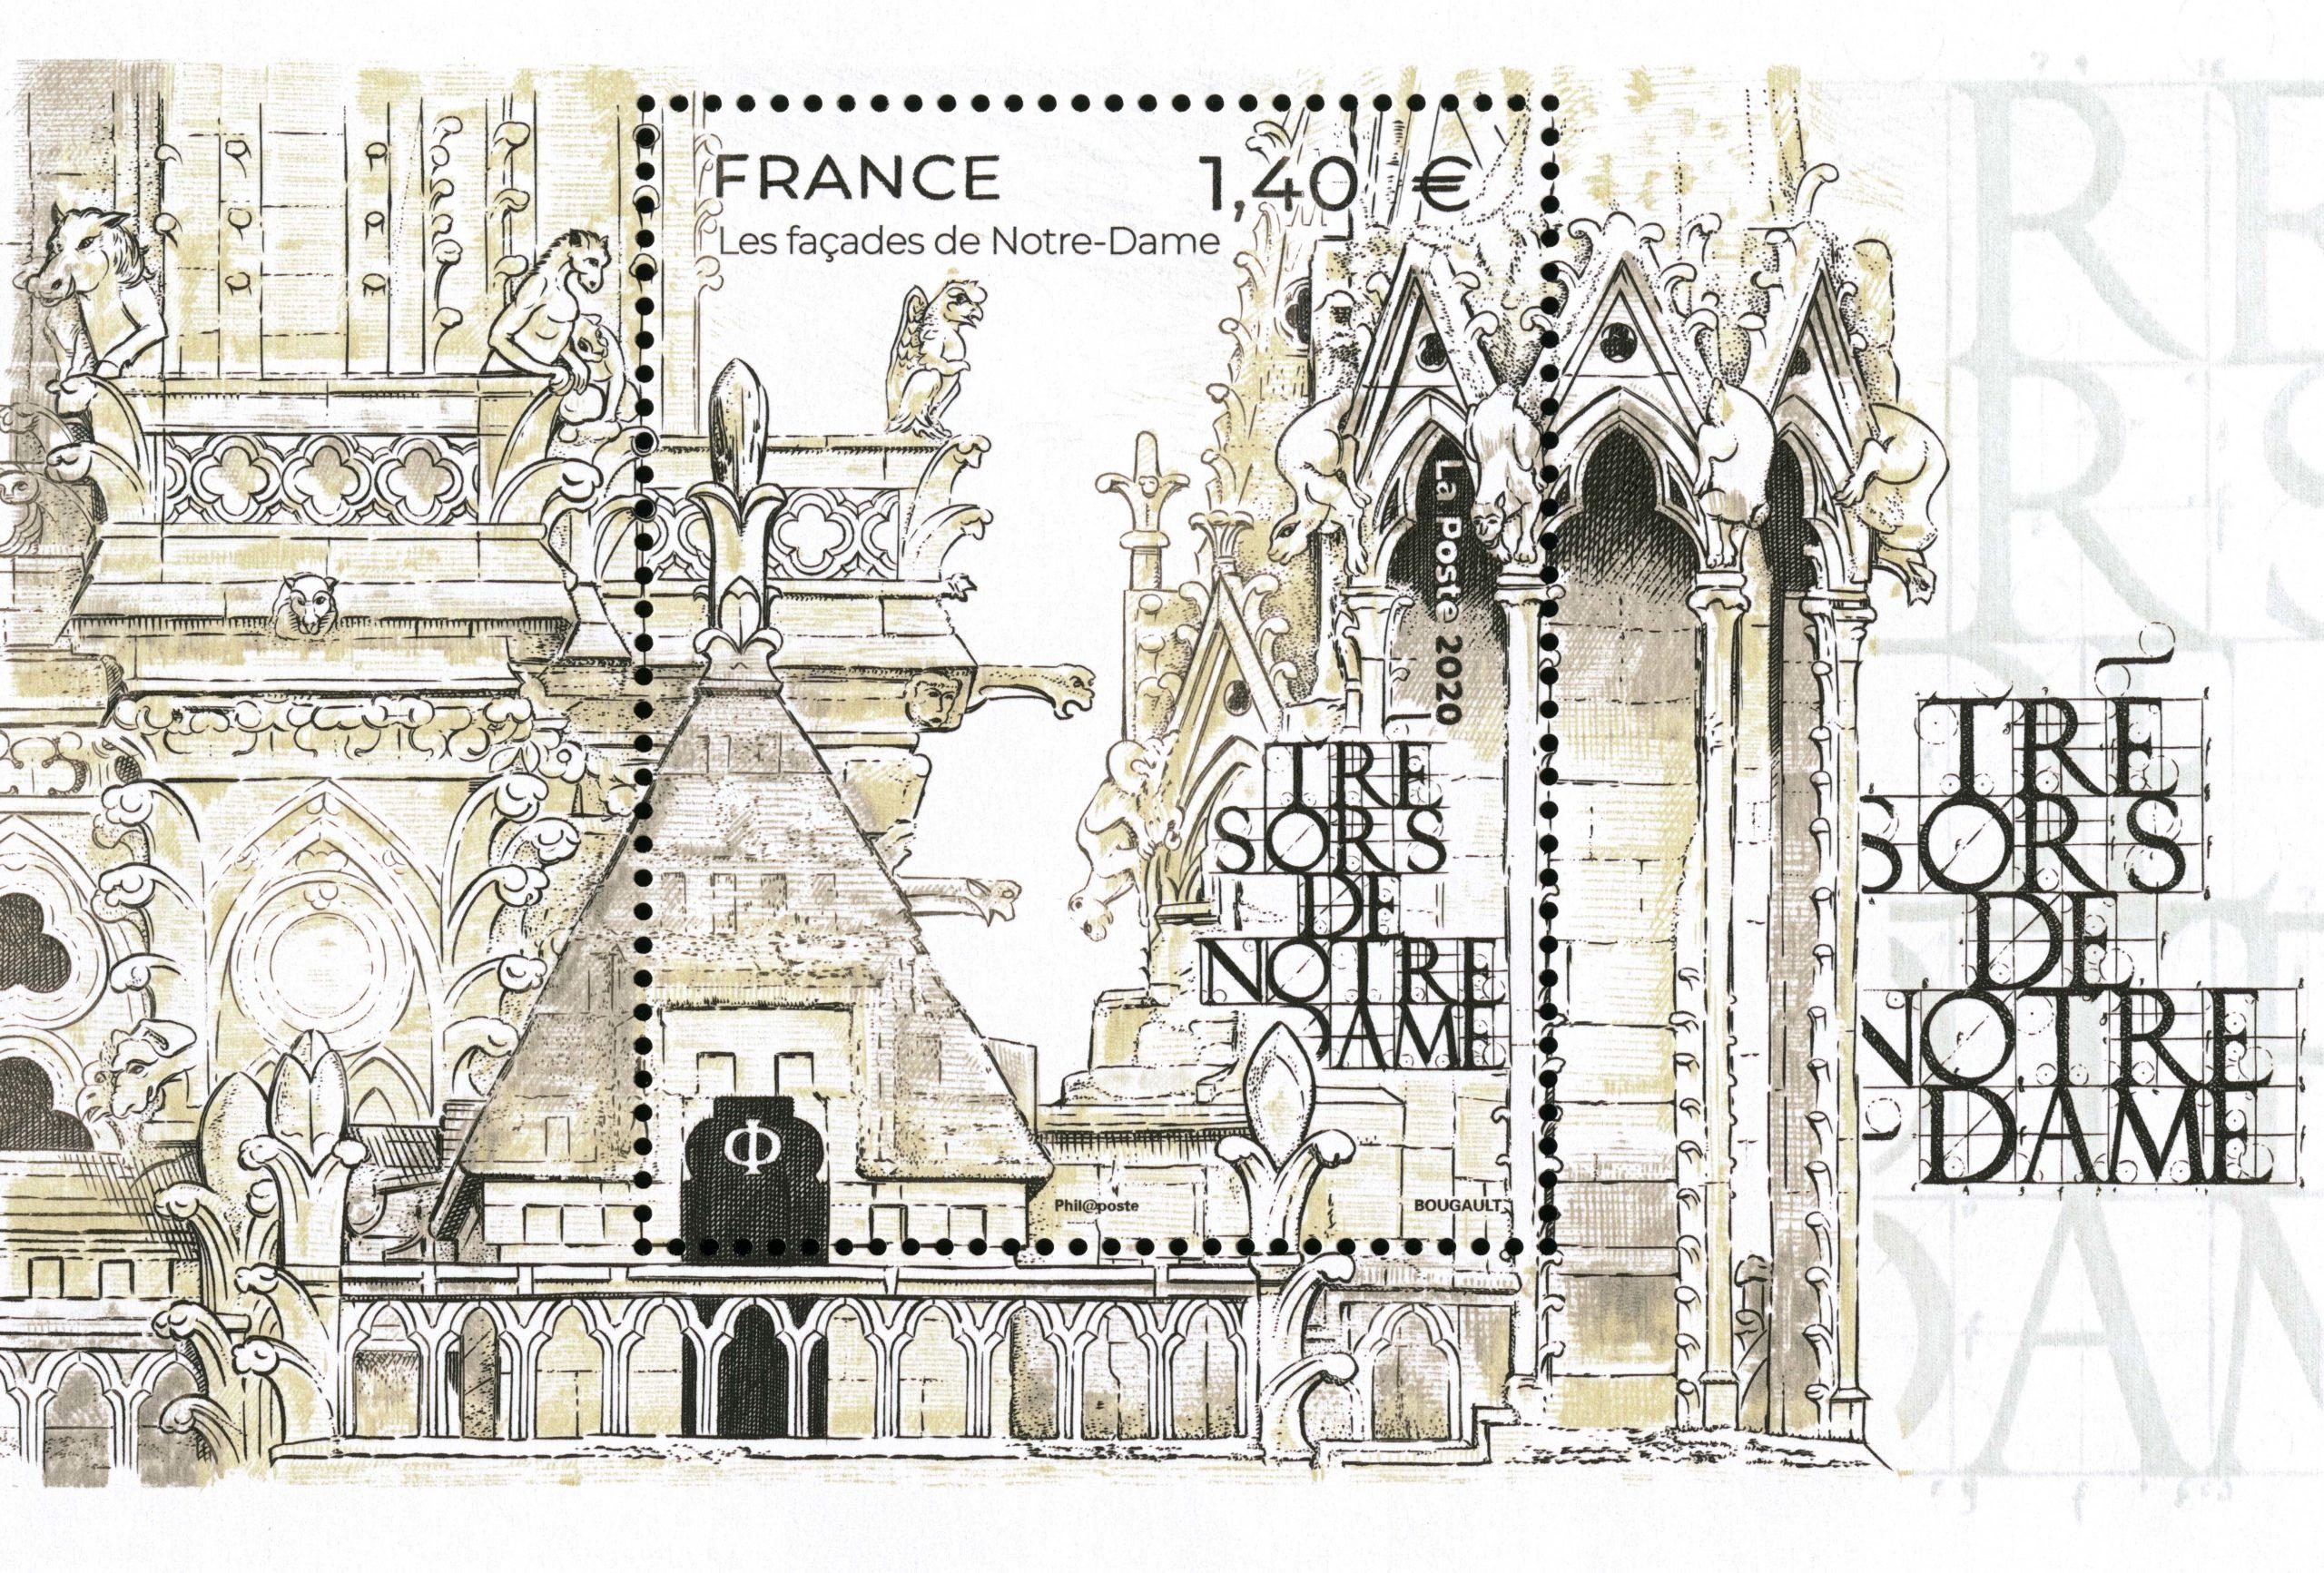 Les façades de Notre-Dame